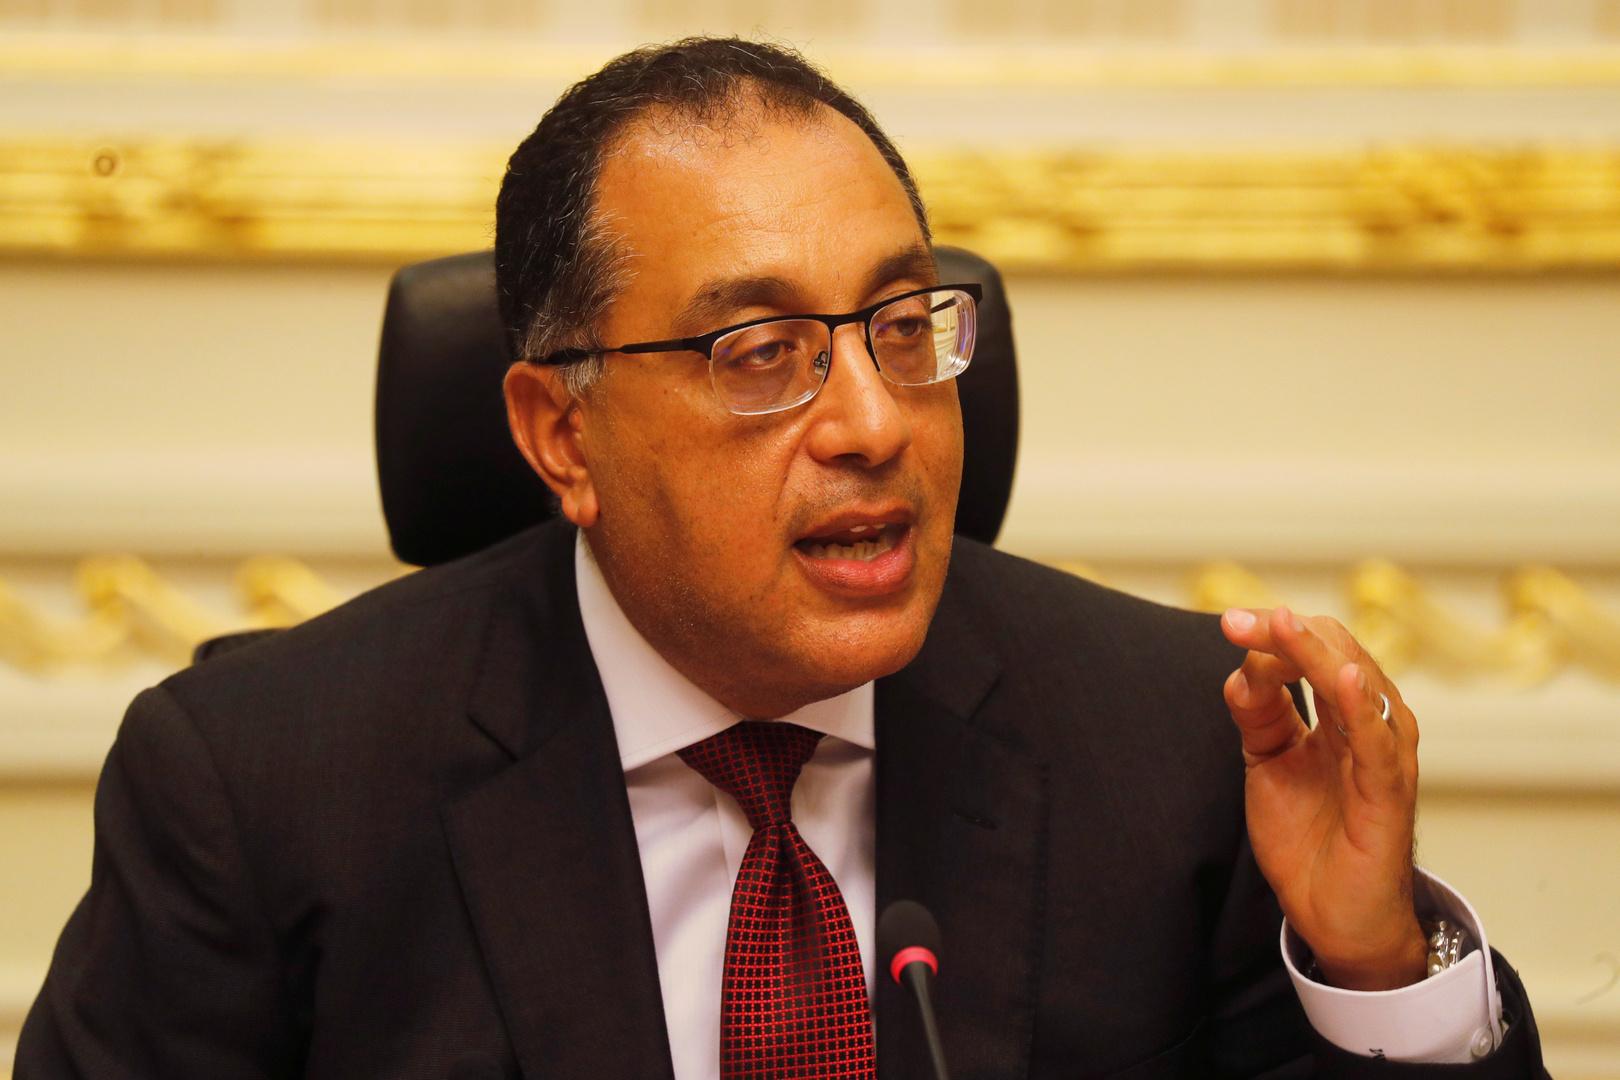 رئيس الوزراء المصري يتابع خطوات إنشاء المنطقة الصناعية الروسية في السويس